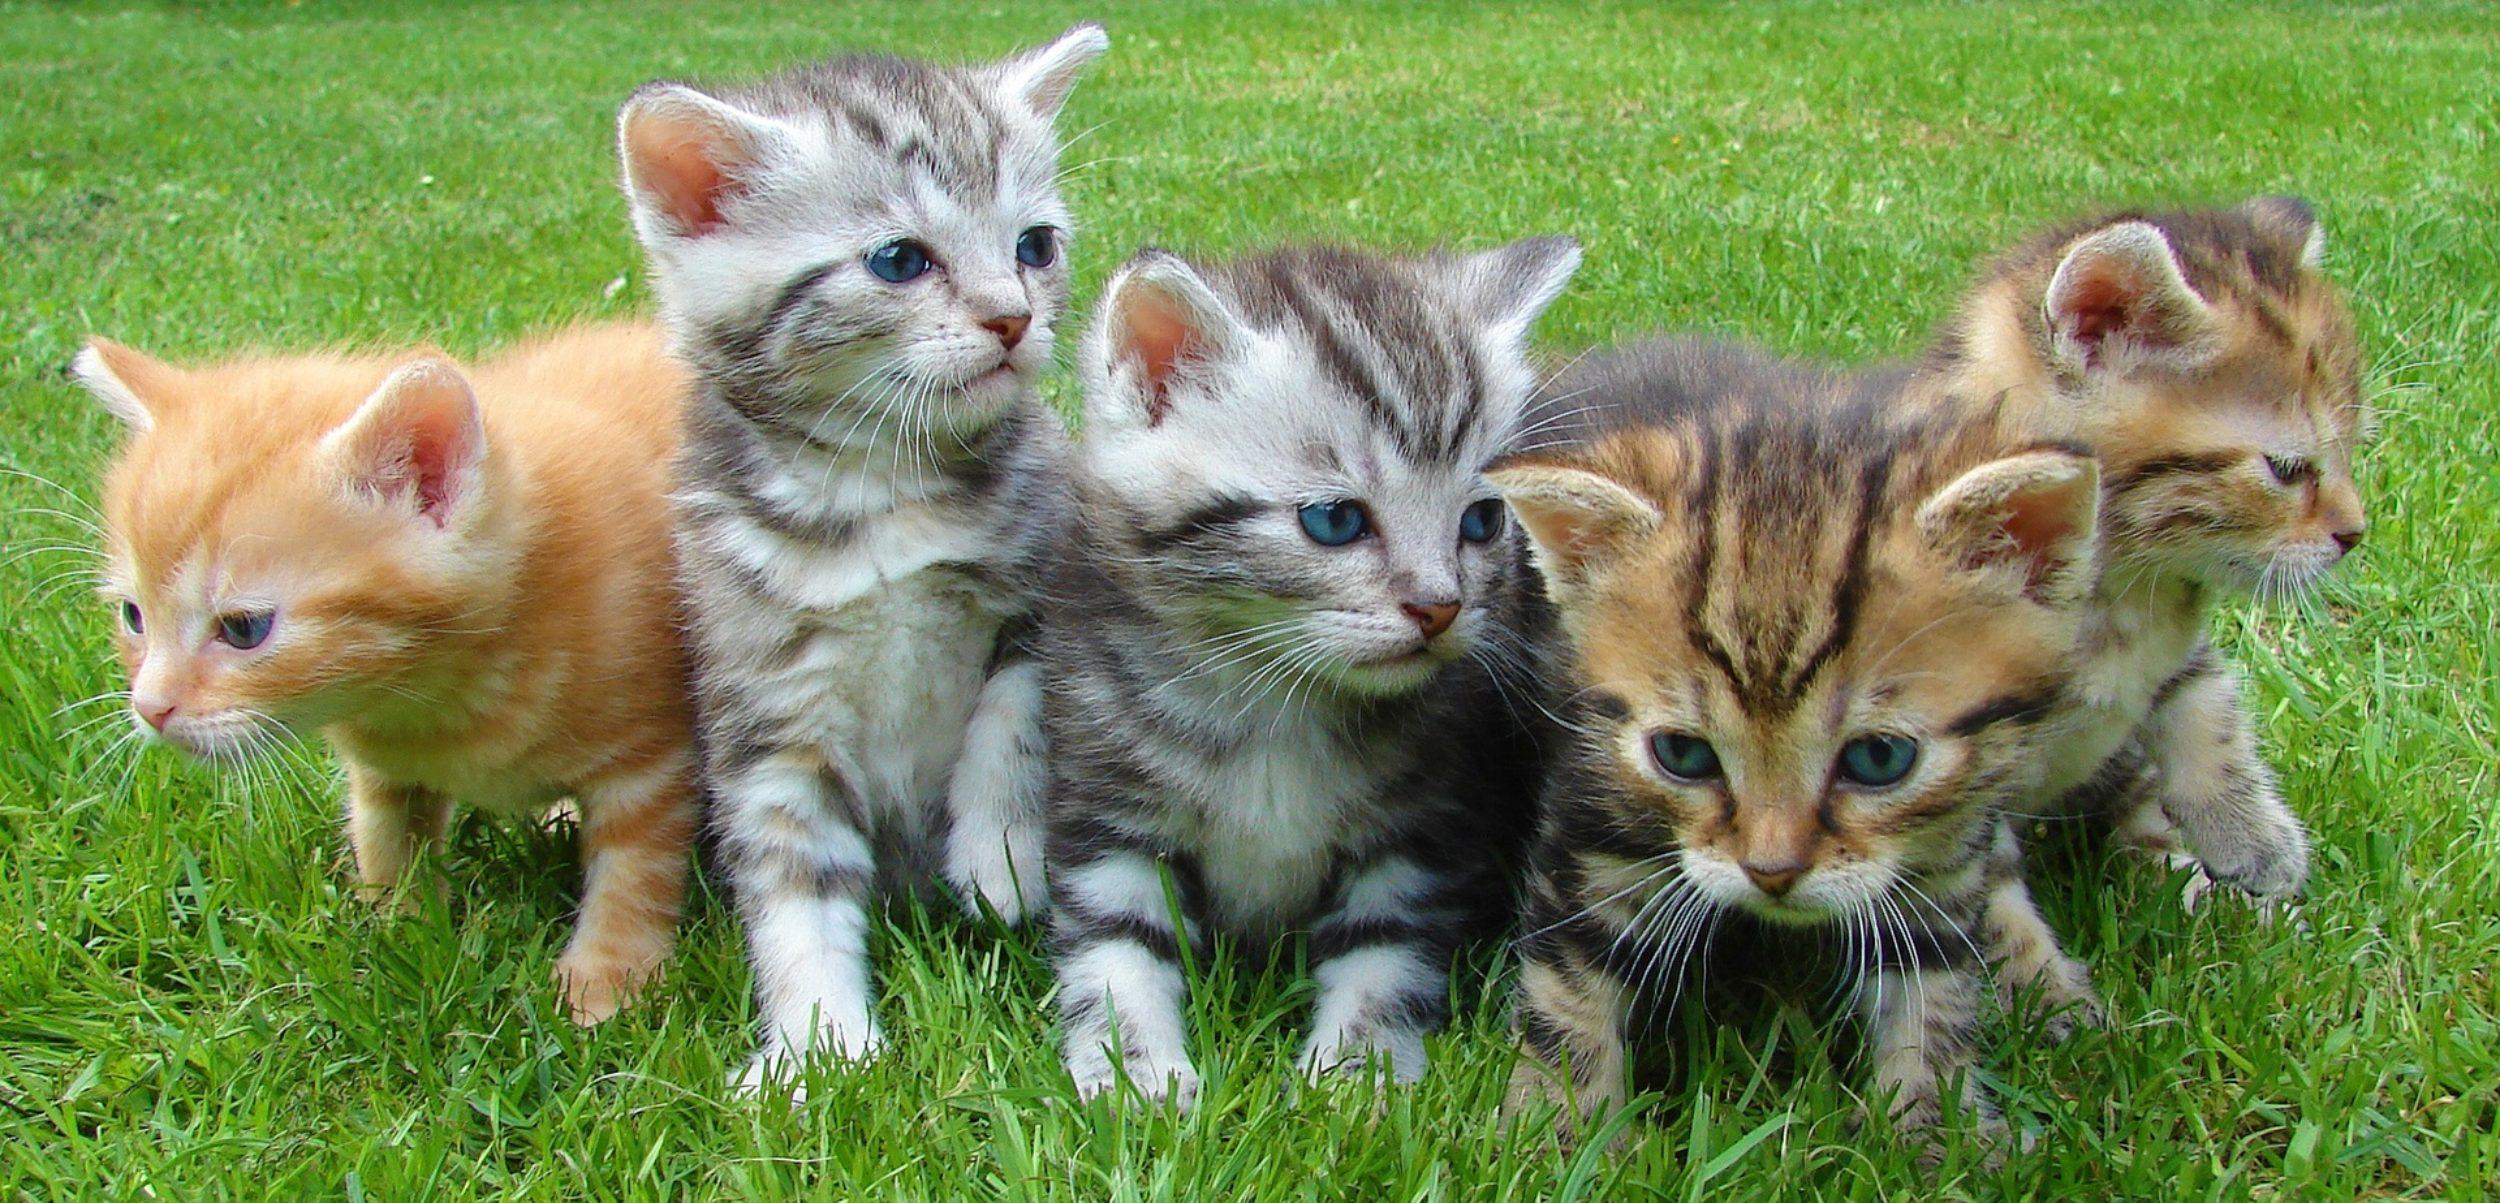 รวมพันธุ์แมวน่ารักๆ